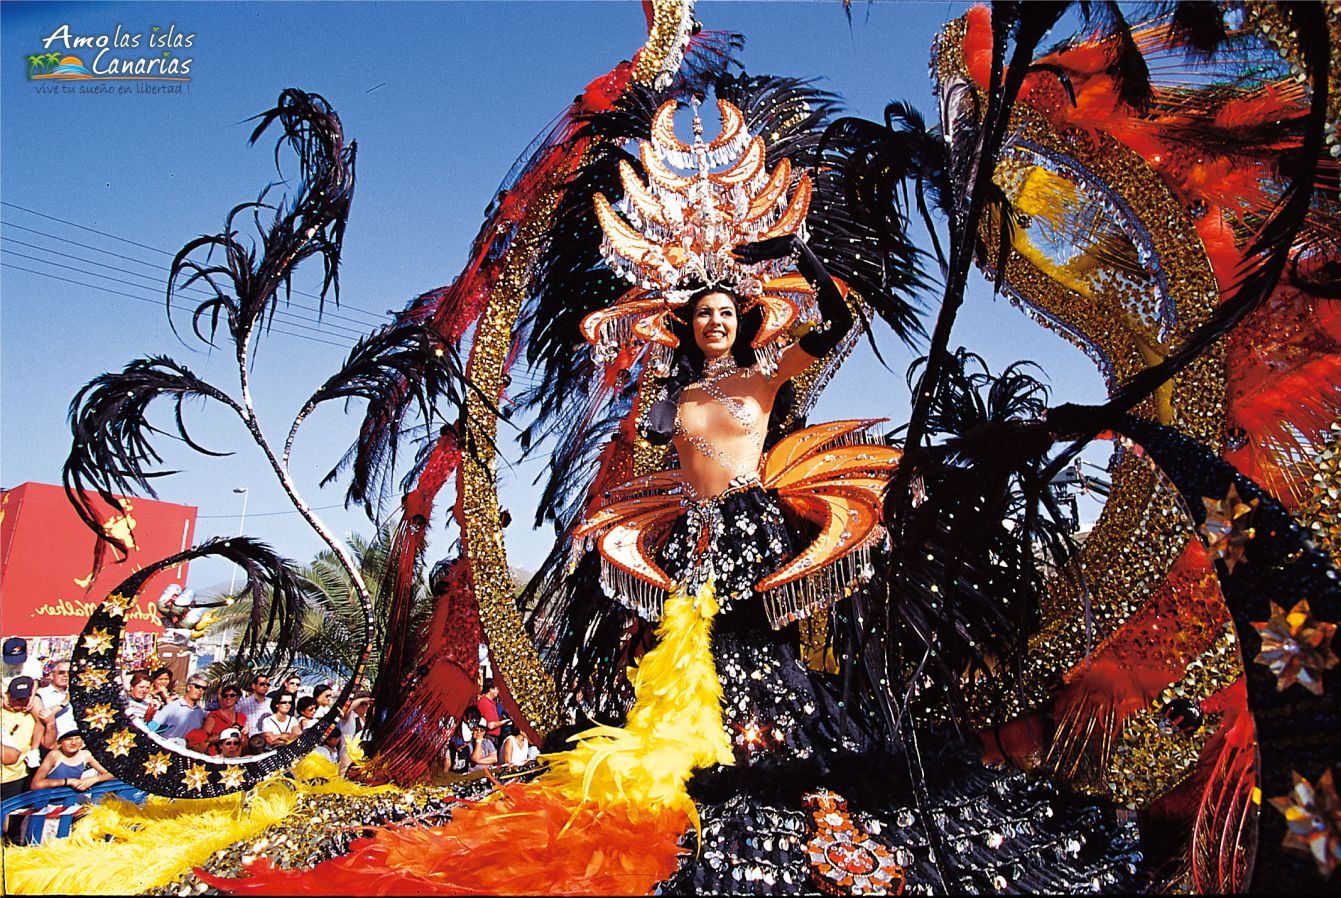 carrozas carnaval de santa cruz de tenerife carnavales 2016 2017 2015 islas canarias desfile